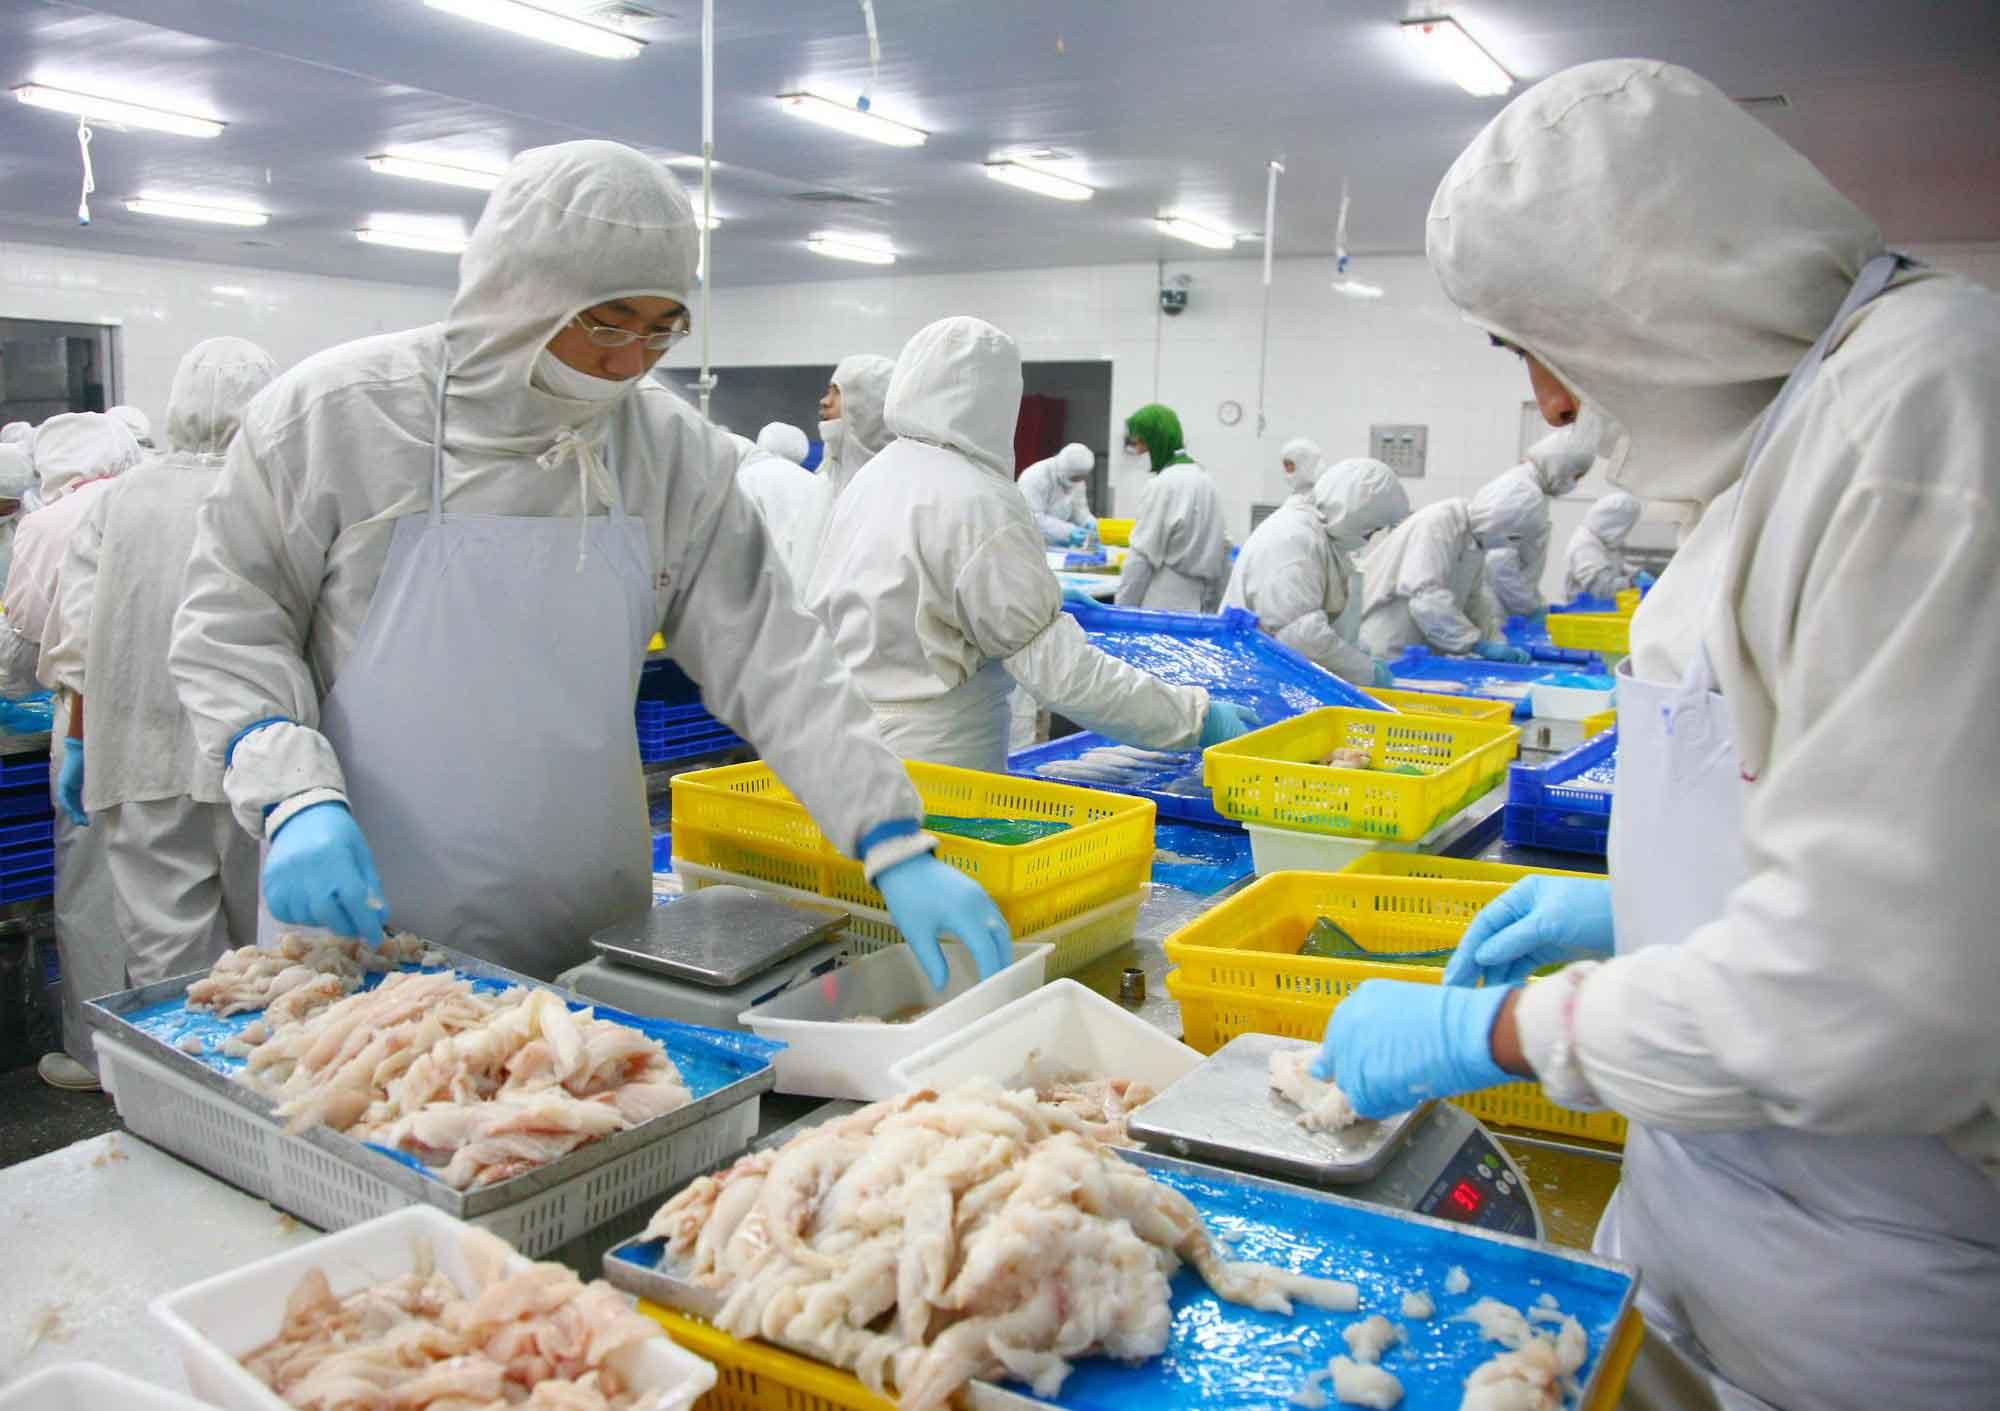 雅诗吉帮您解决食品包装的消毒问题